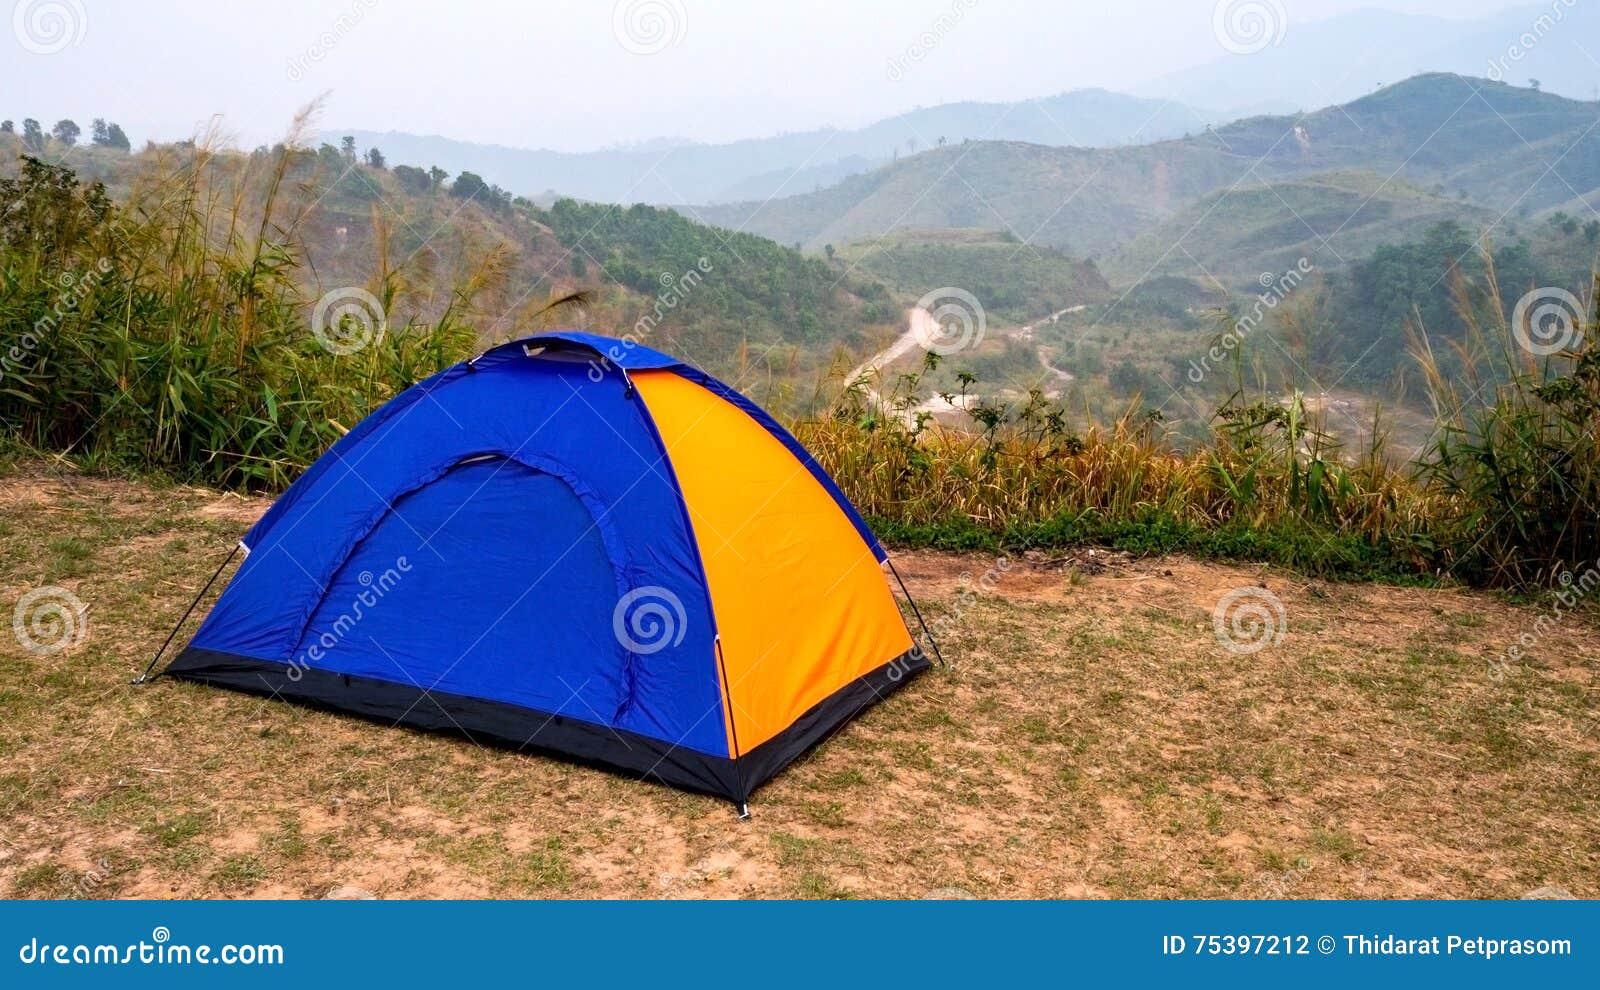 Barraca de acampamento azul e amarela do turista na área de recreação entre o prado na floresta da montanha